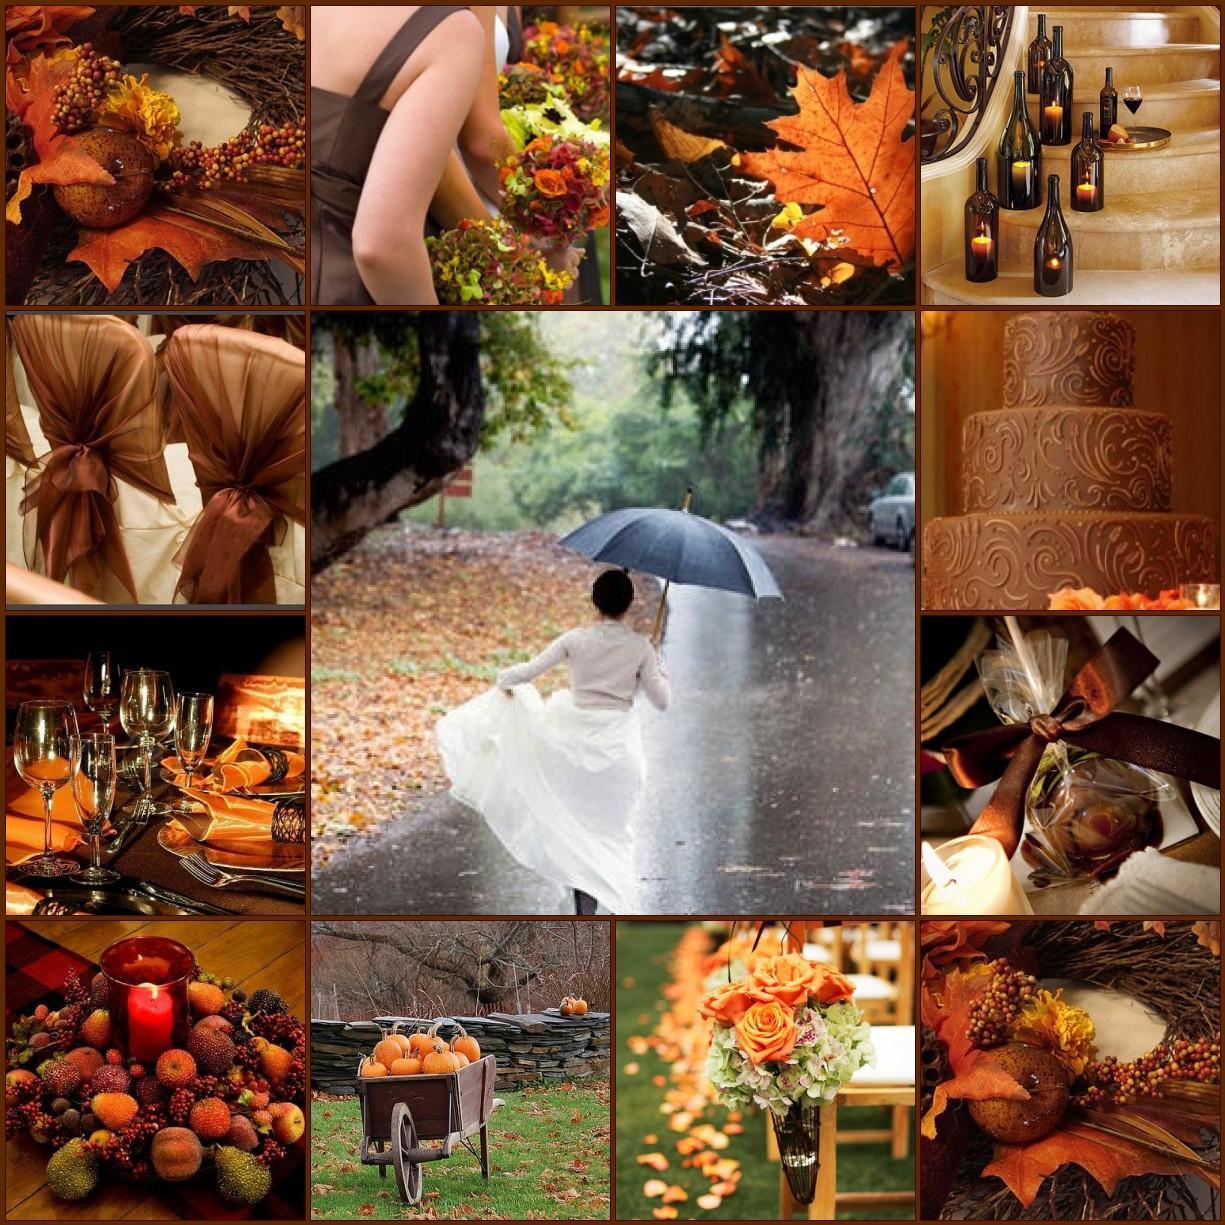 Wedding Ideas For October: Estelle's: Wedding Blessings....October's Falling Leaves